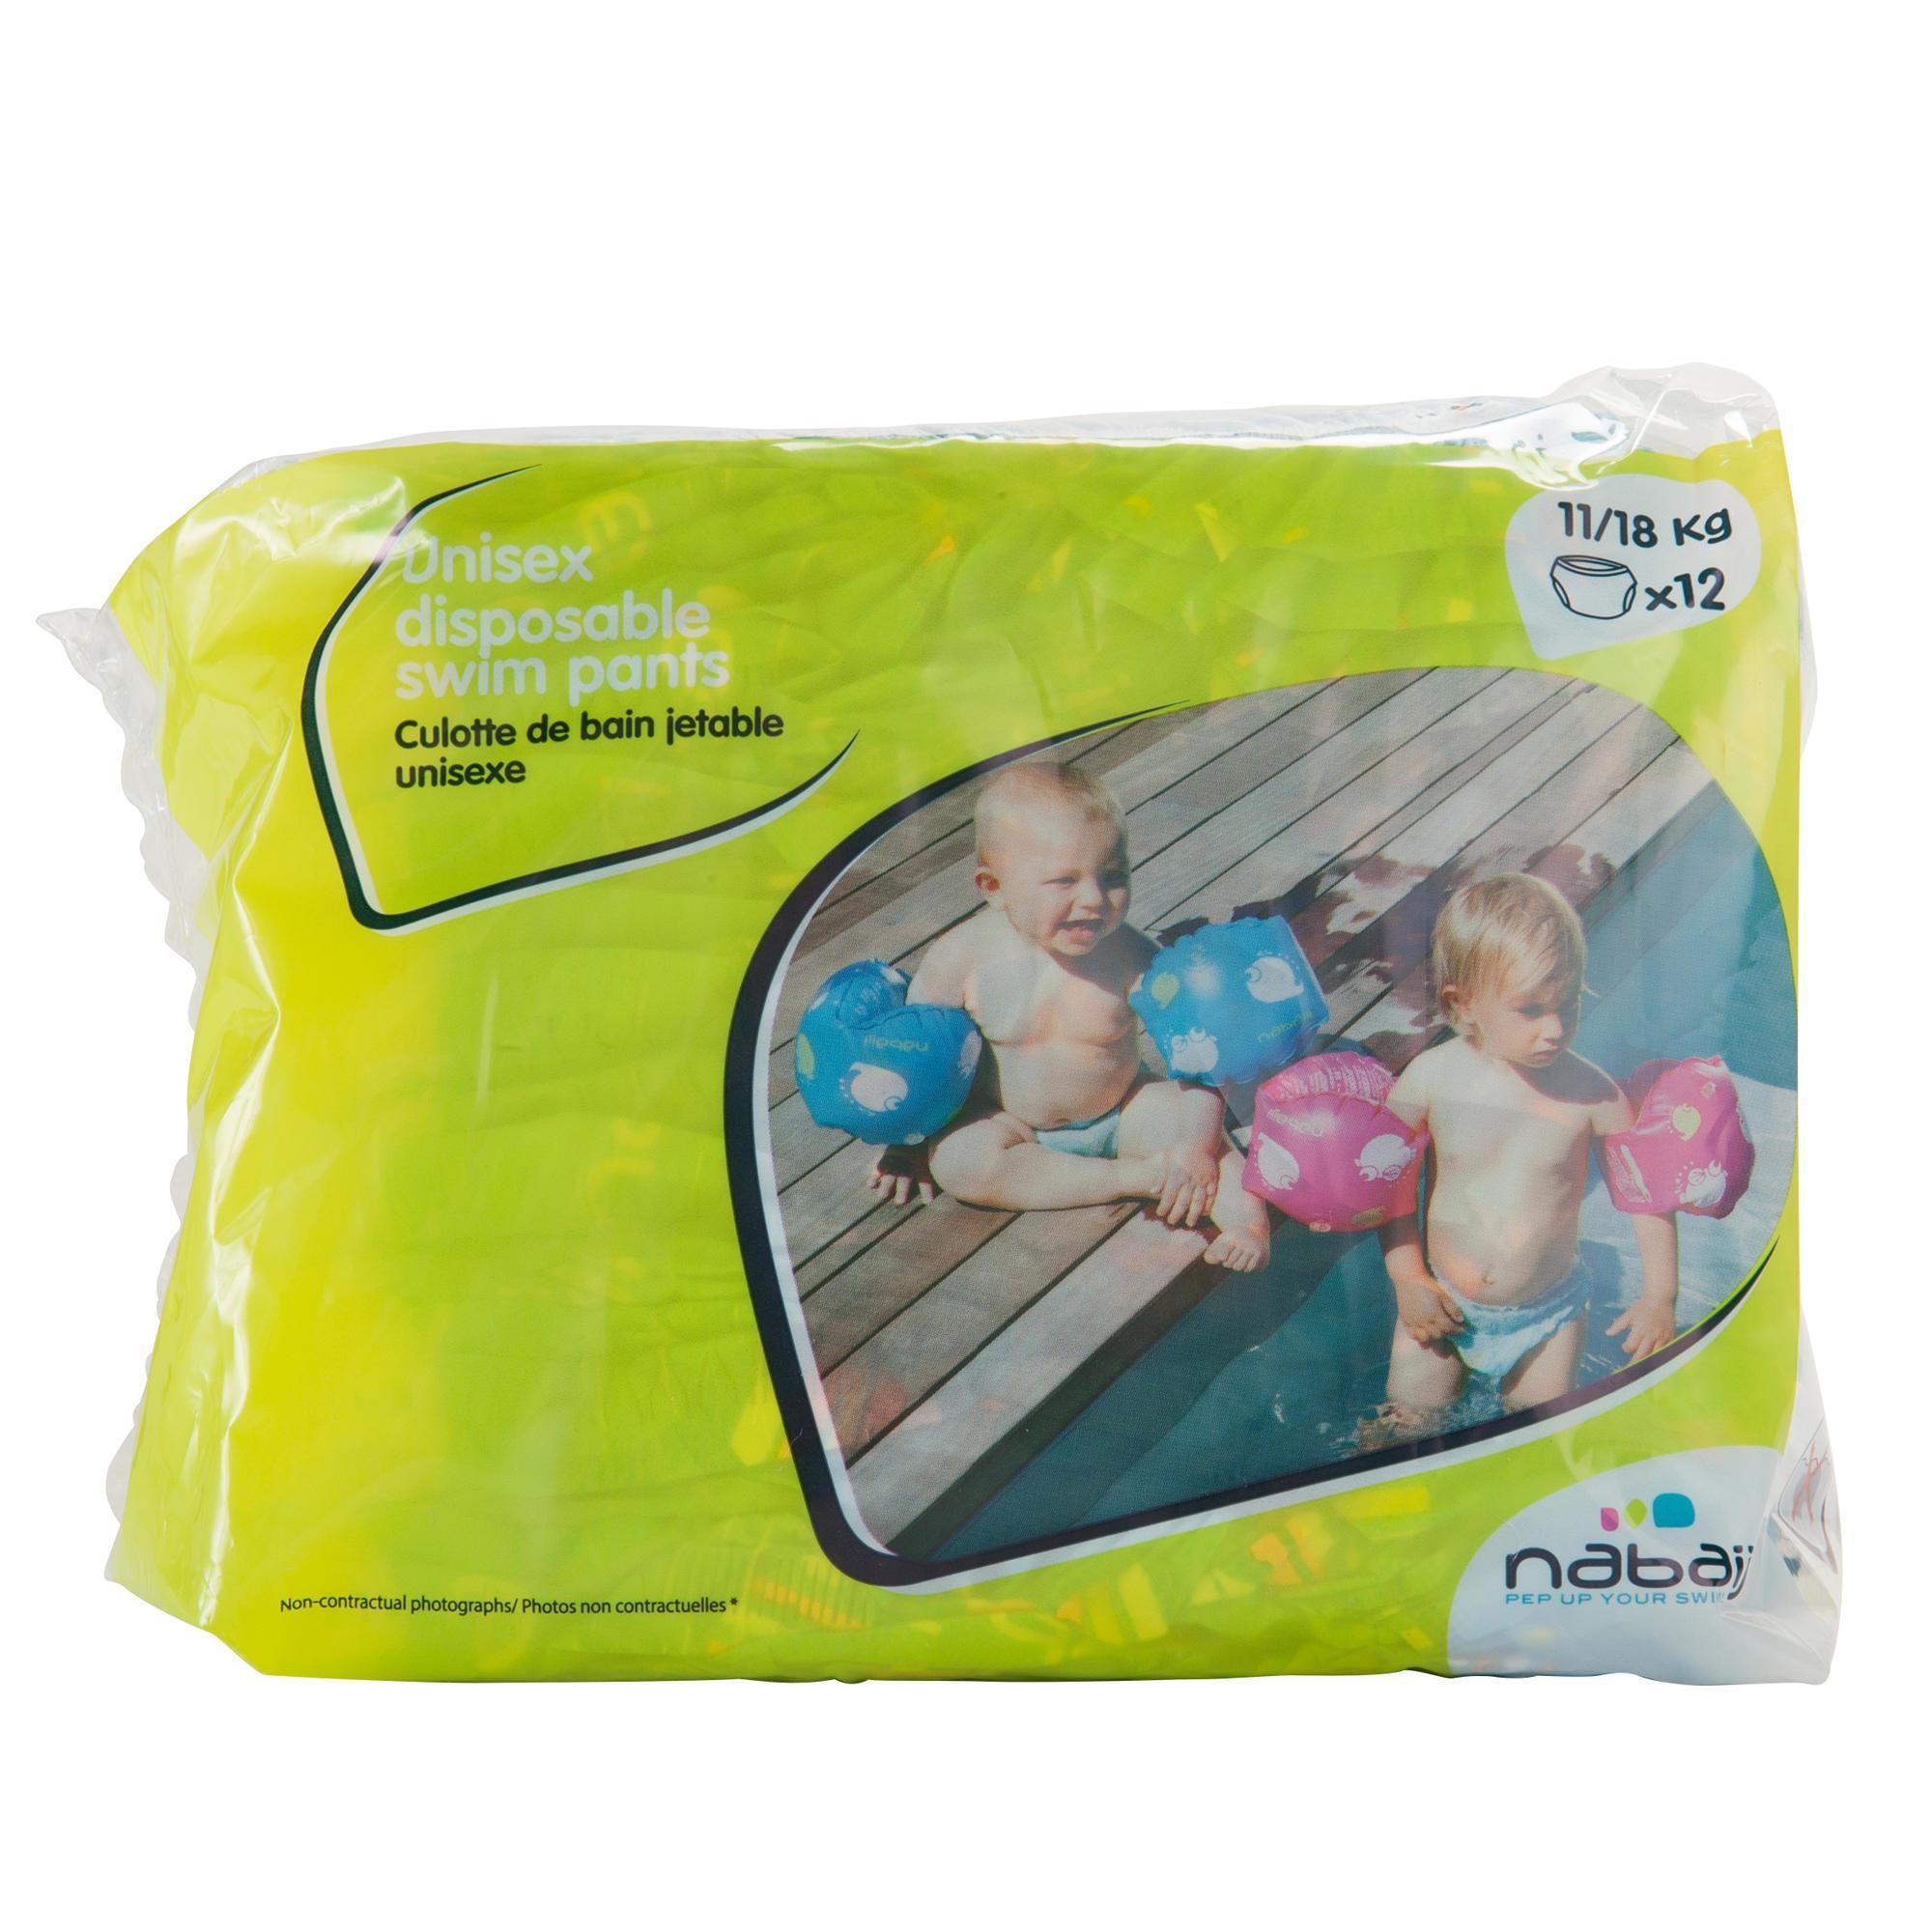 Wegwerpluiers voor wateractiviteiten, voor baby's van 11-18 kg.